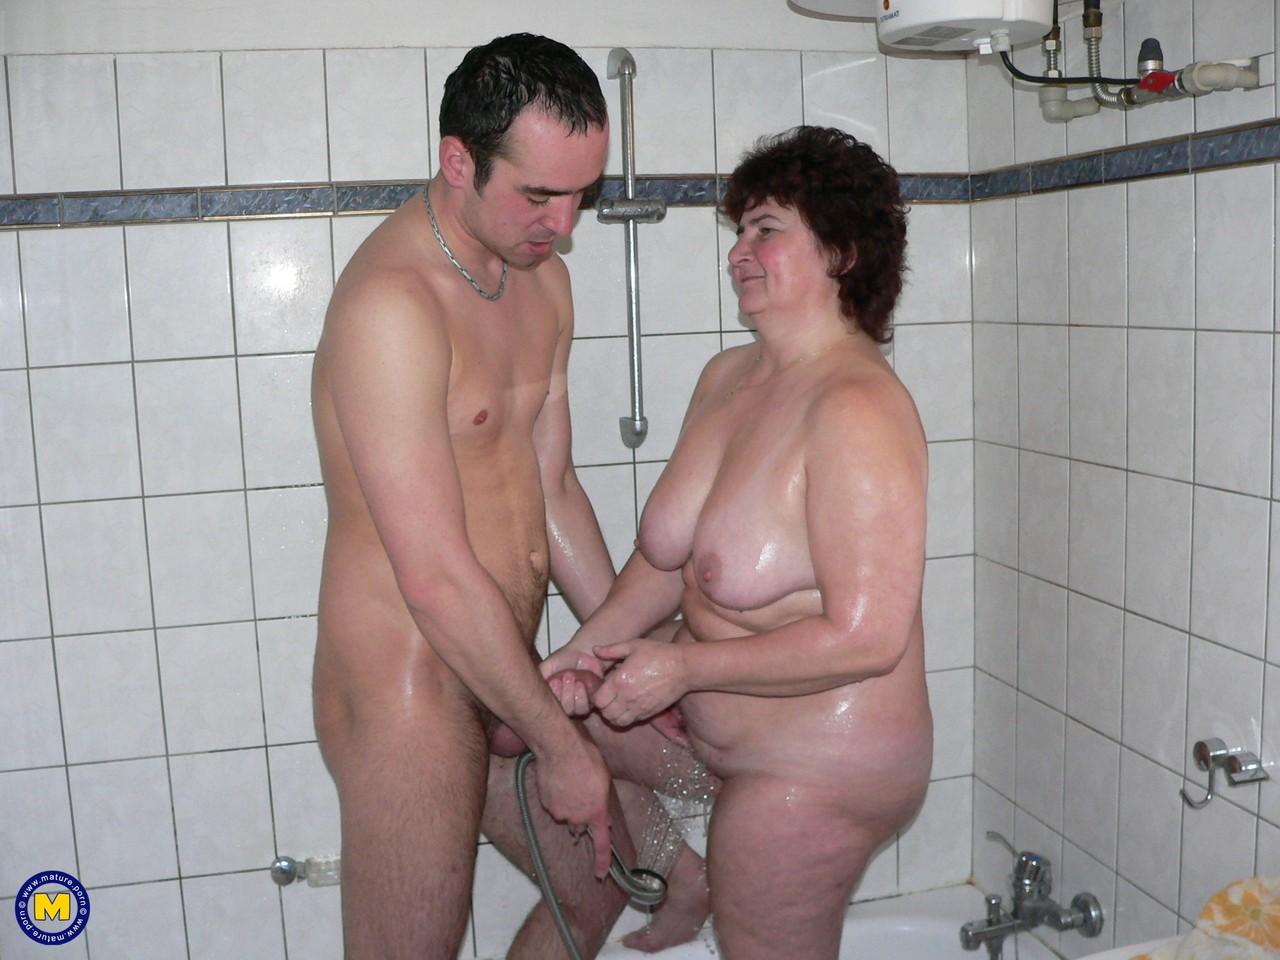 Фотки секса молодого с пассией бальзаковского возраста. Фото - 15